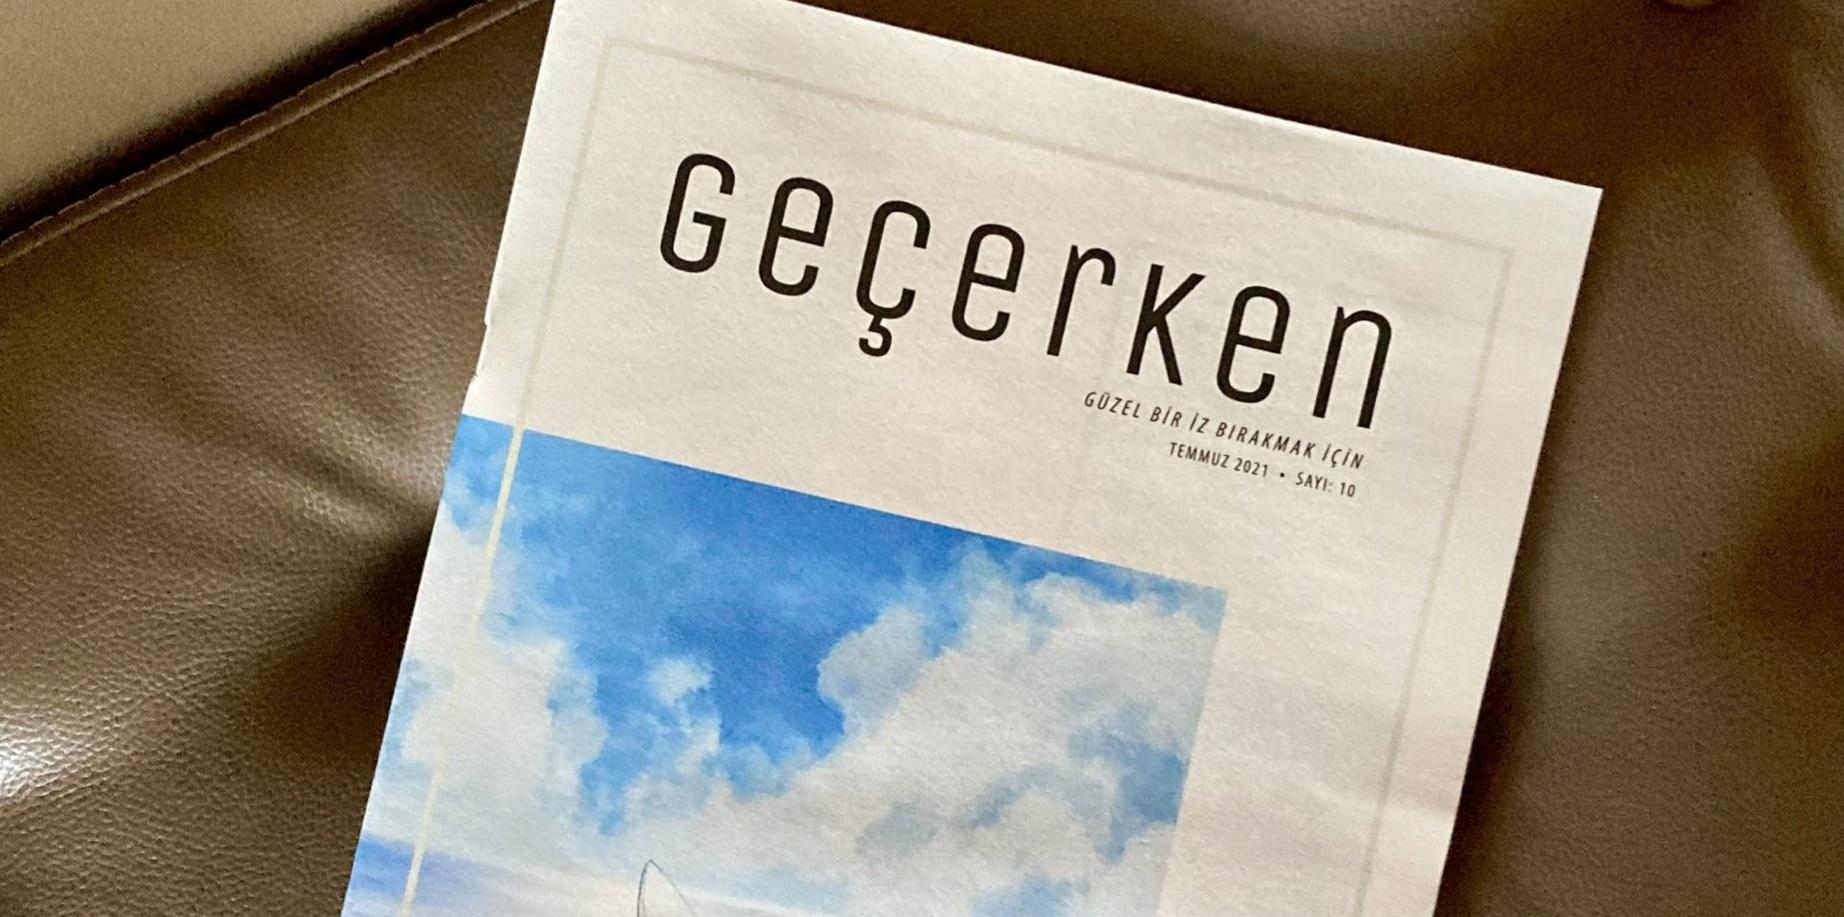 Geçerken Dergisi'nin Temmuz sayısı çıktı